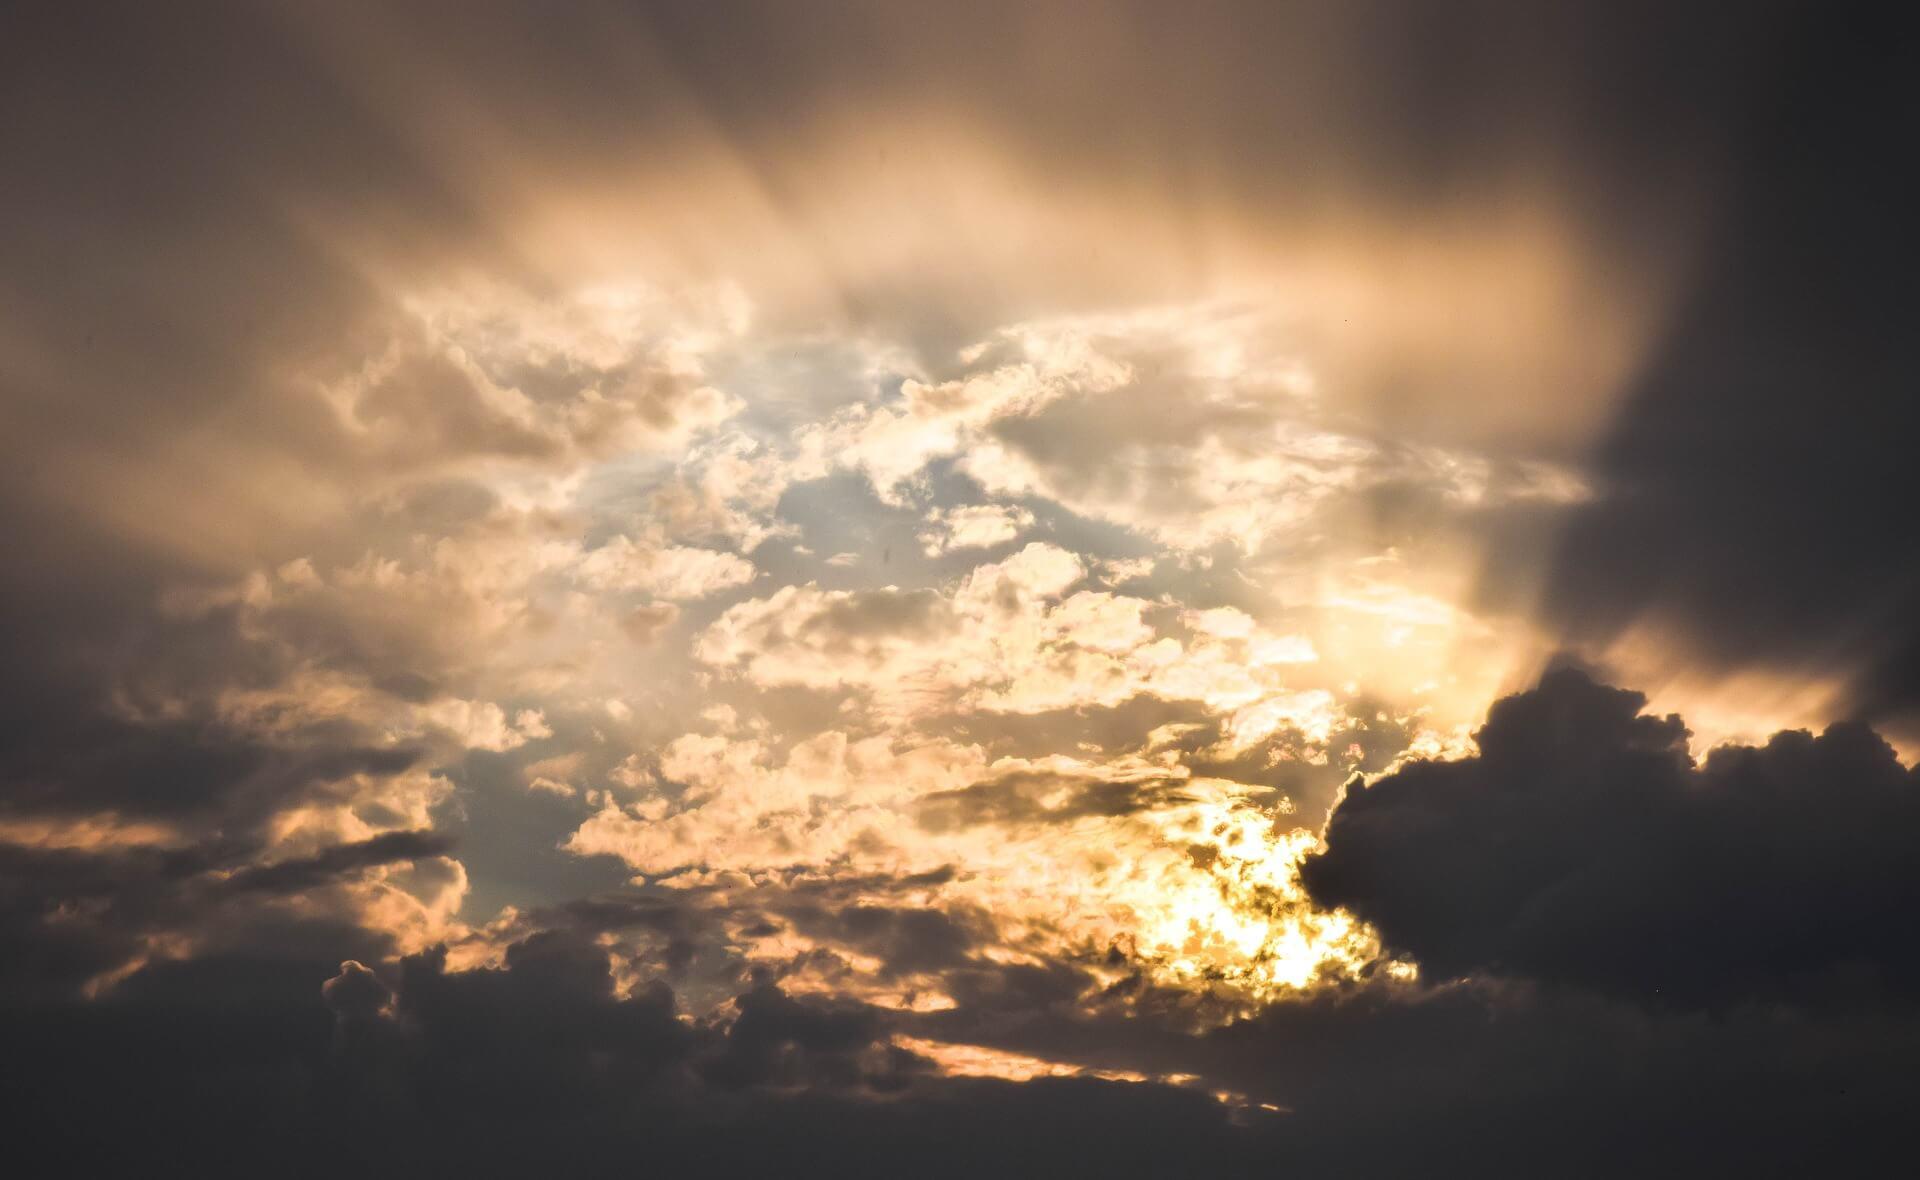 """Symbolbild """"Gemeinde ist die Hoffnung der Welt"""" - Wolken mit Sonne im Hintergrund"""